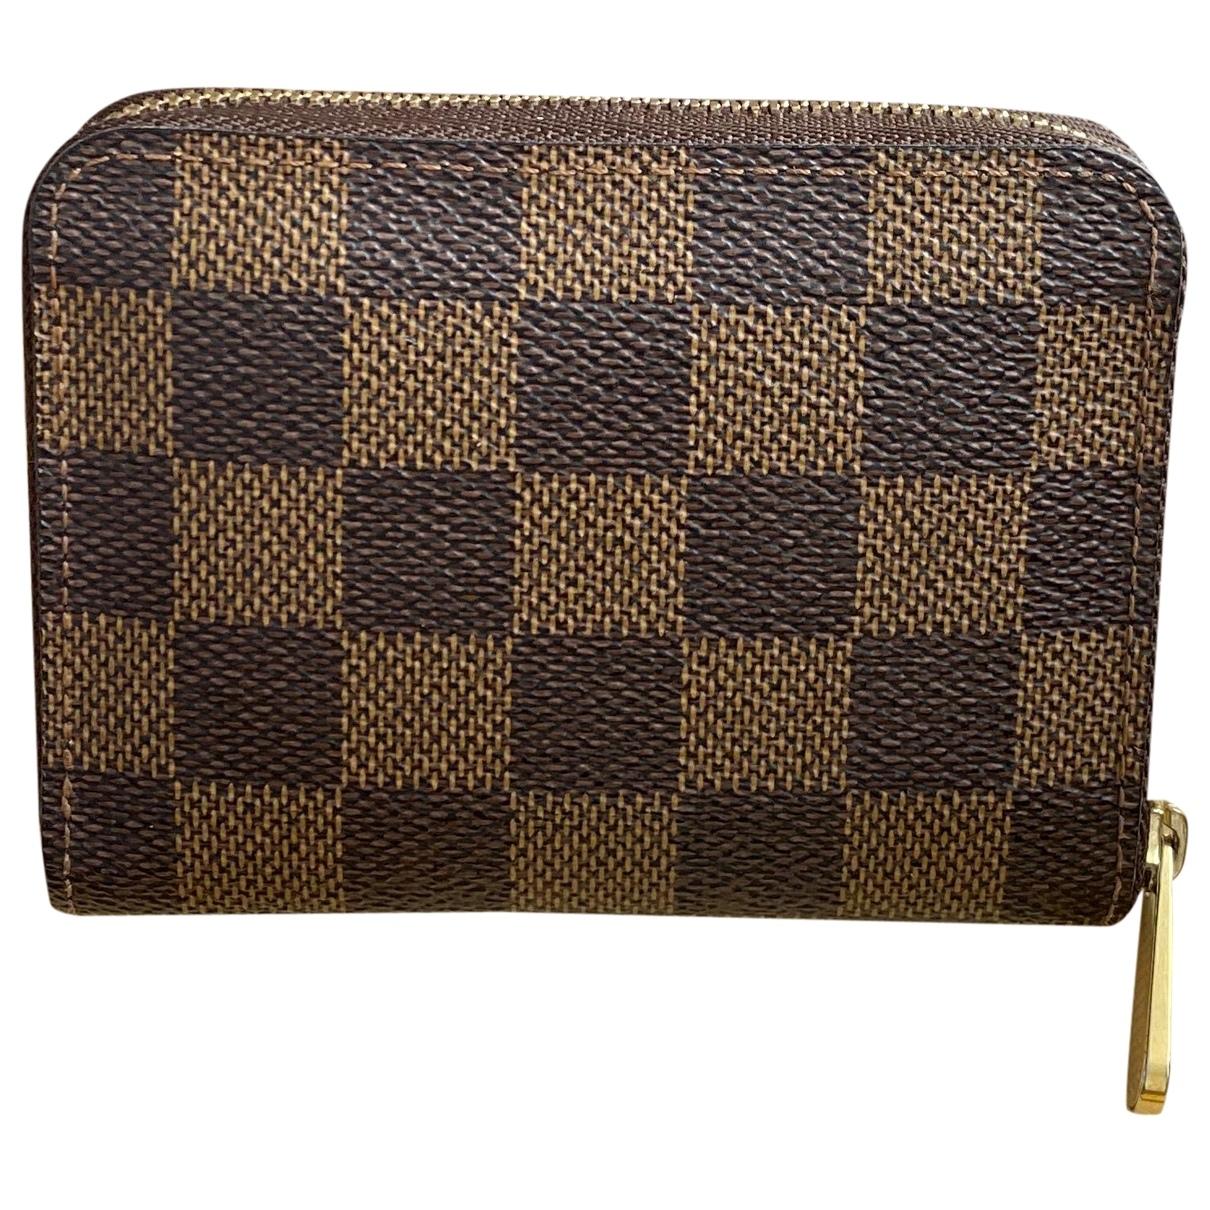 Louis Vuitton - Petite maroquinerie Zippy pour femme en toile - marron